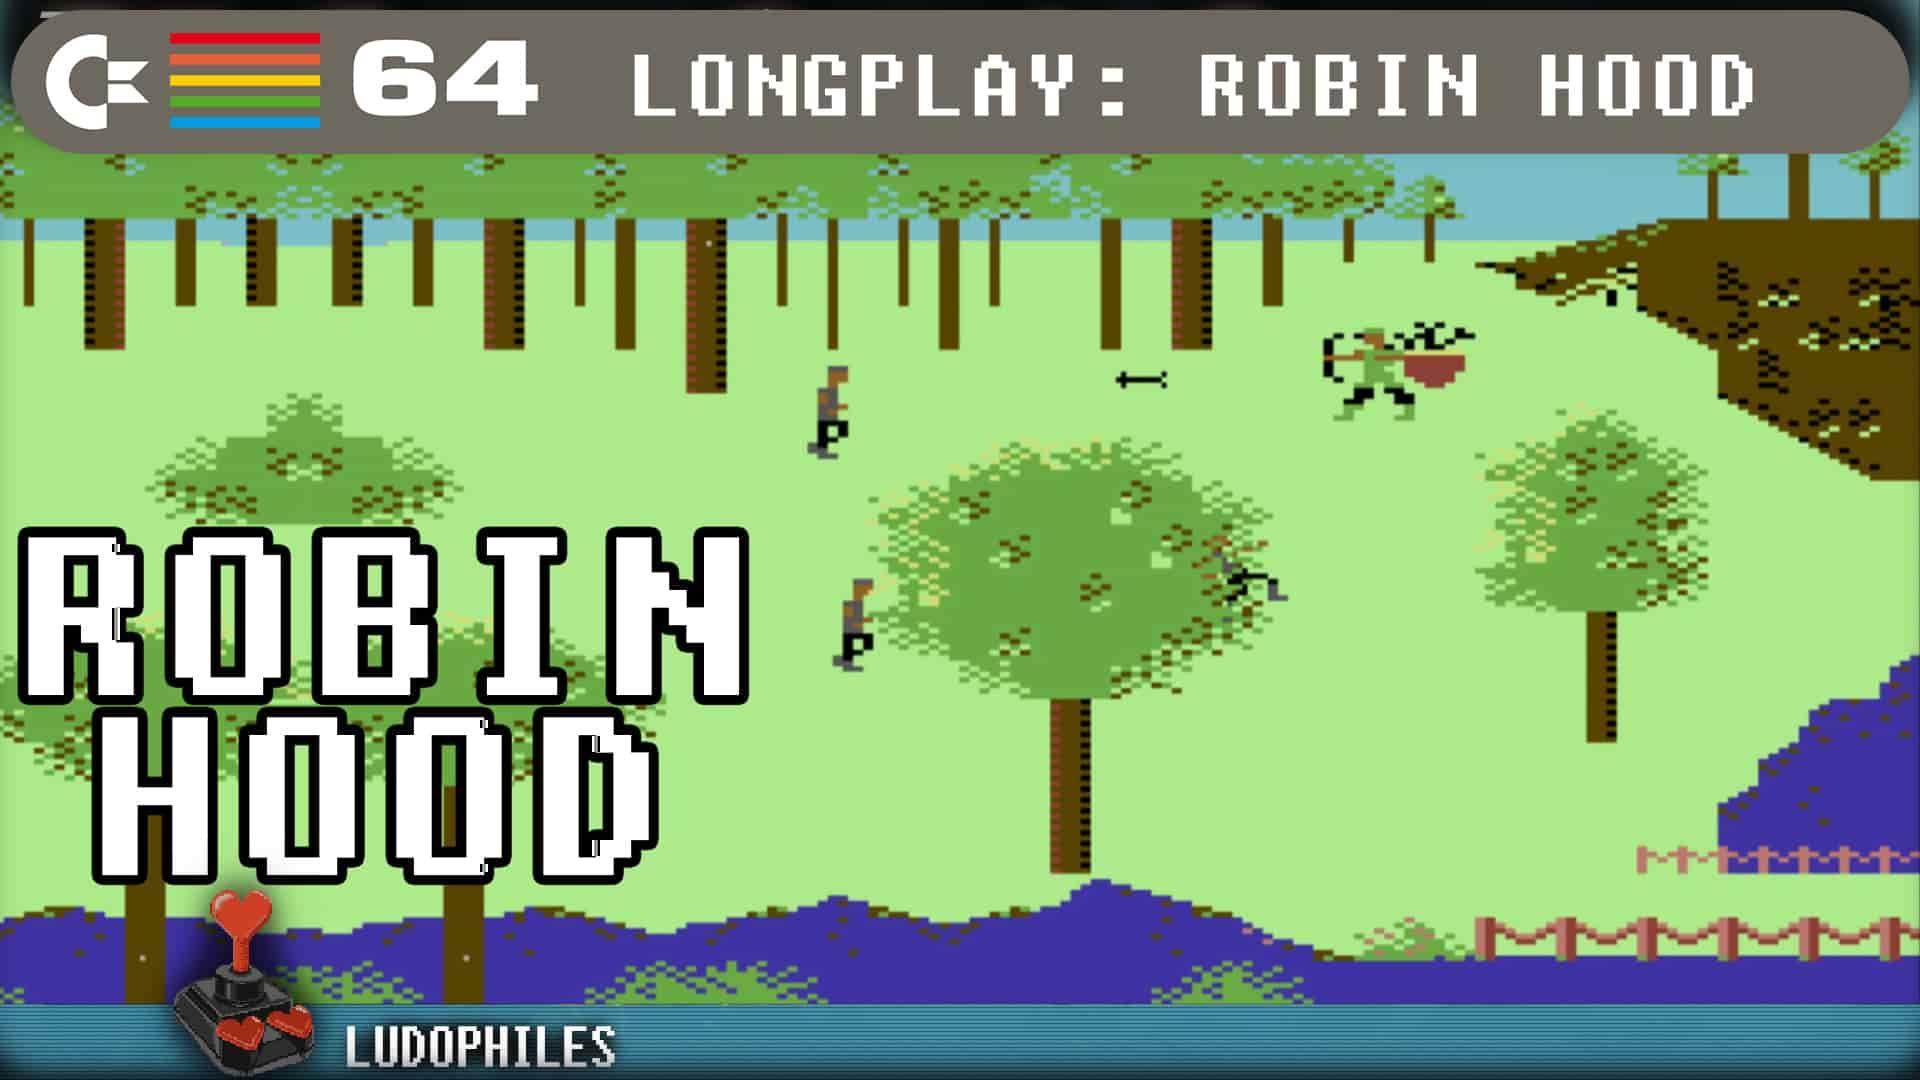 Robin Hood C64 Longplay